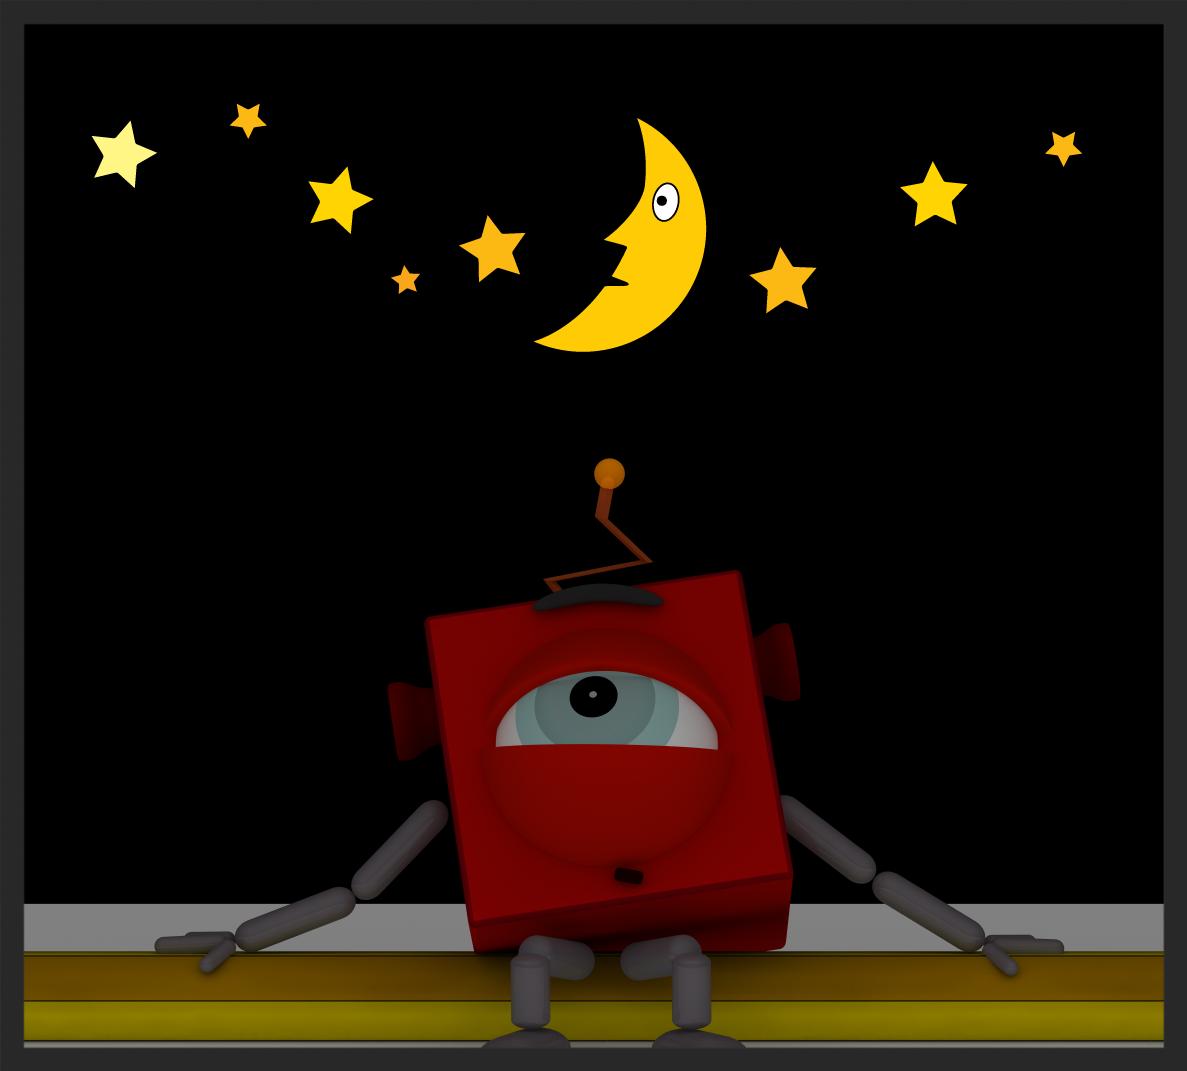 Dessin : Pierre Guité, Un robot peut-il écrire de la poésie ?